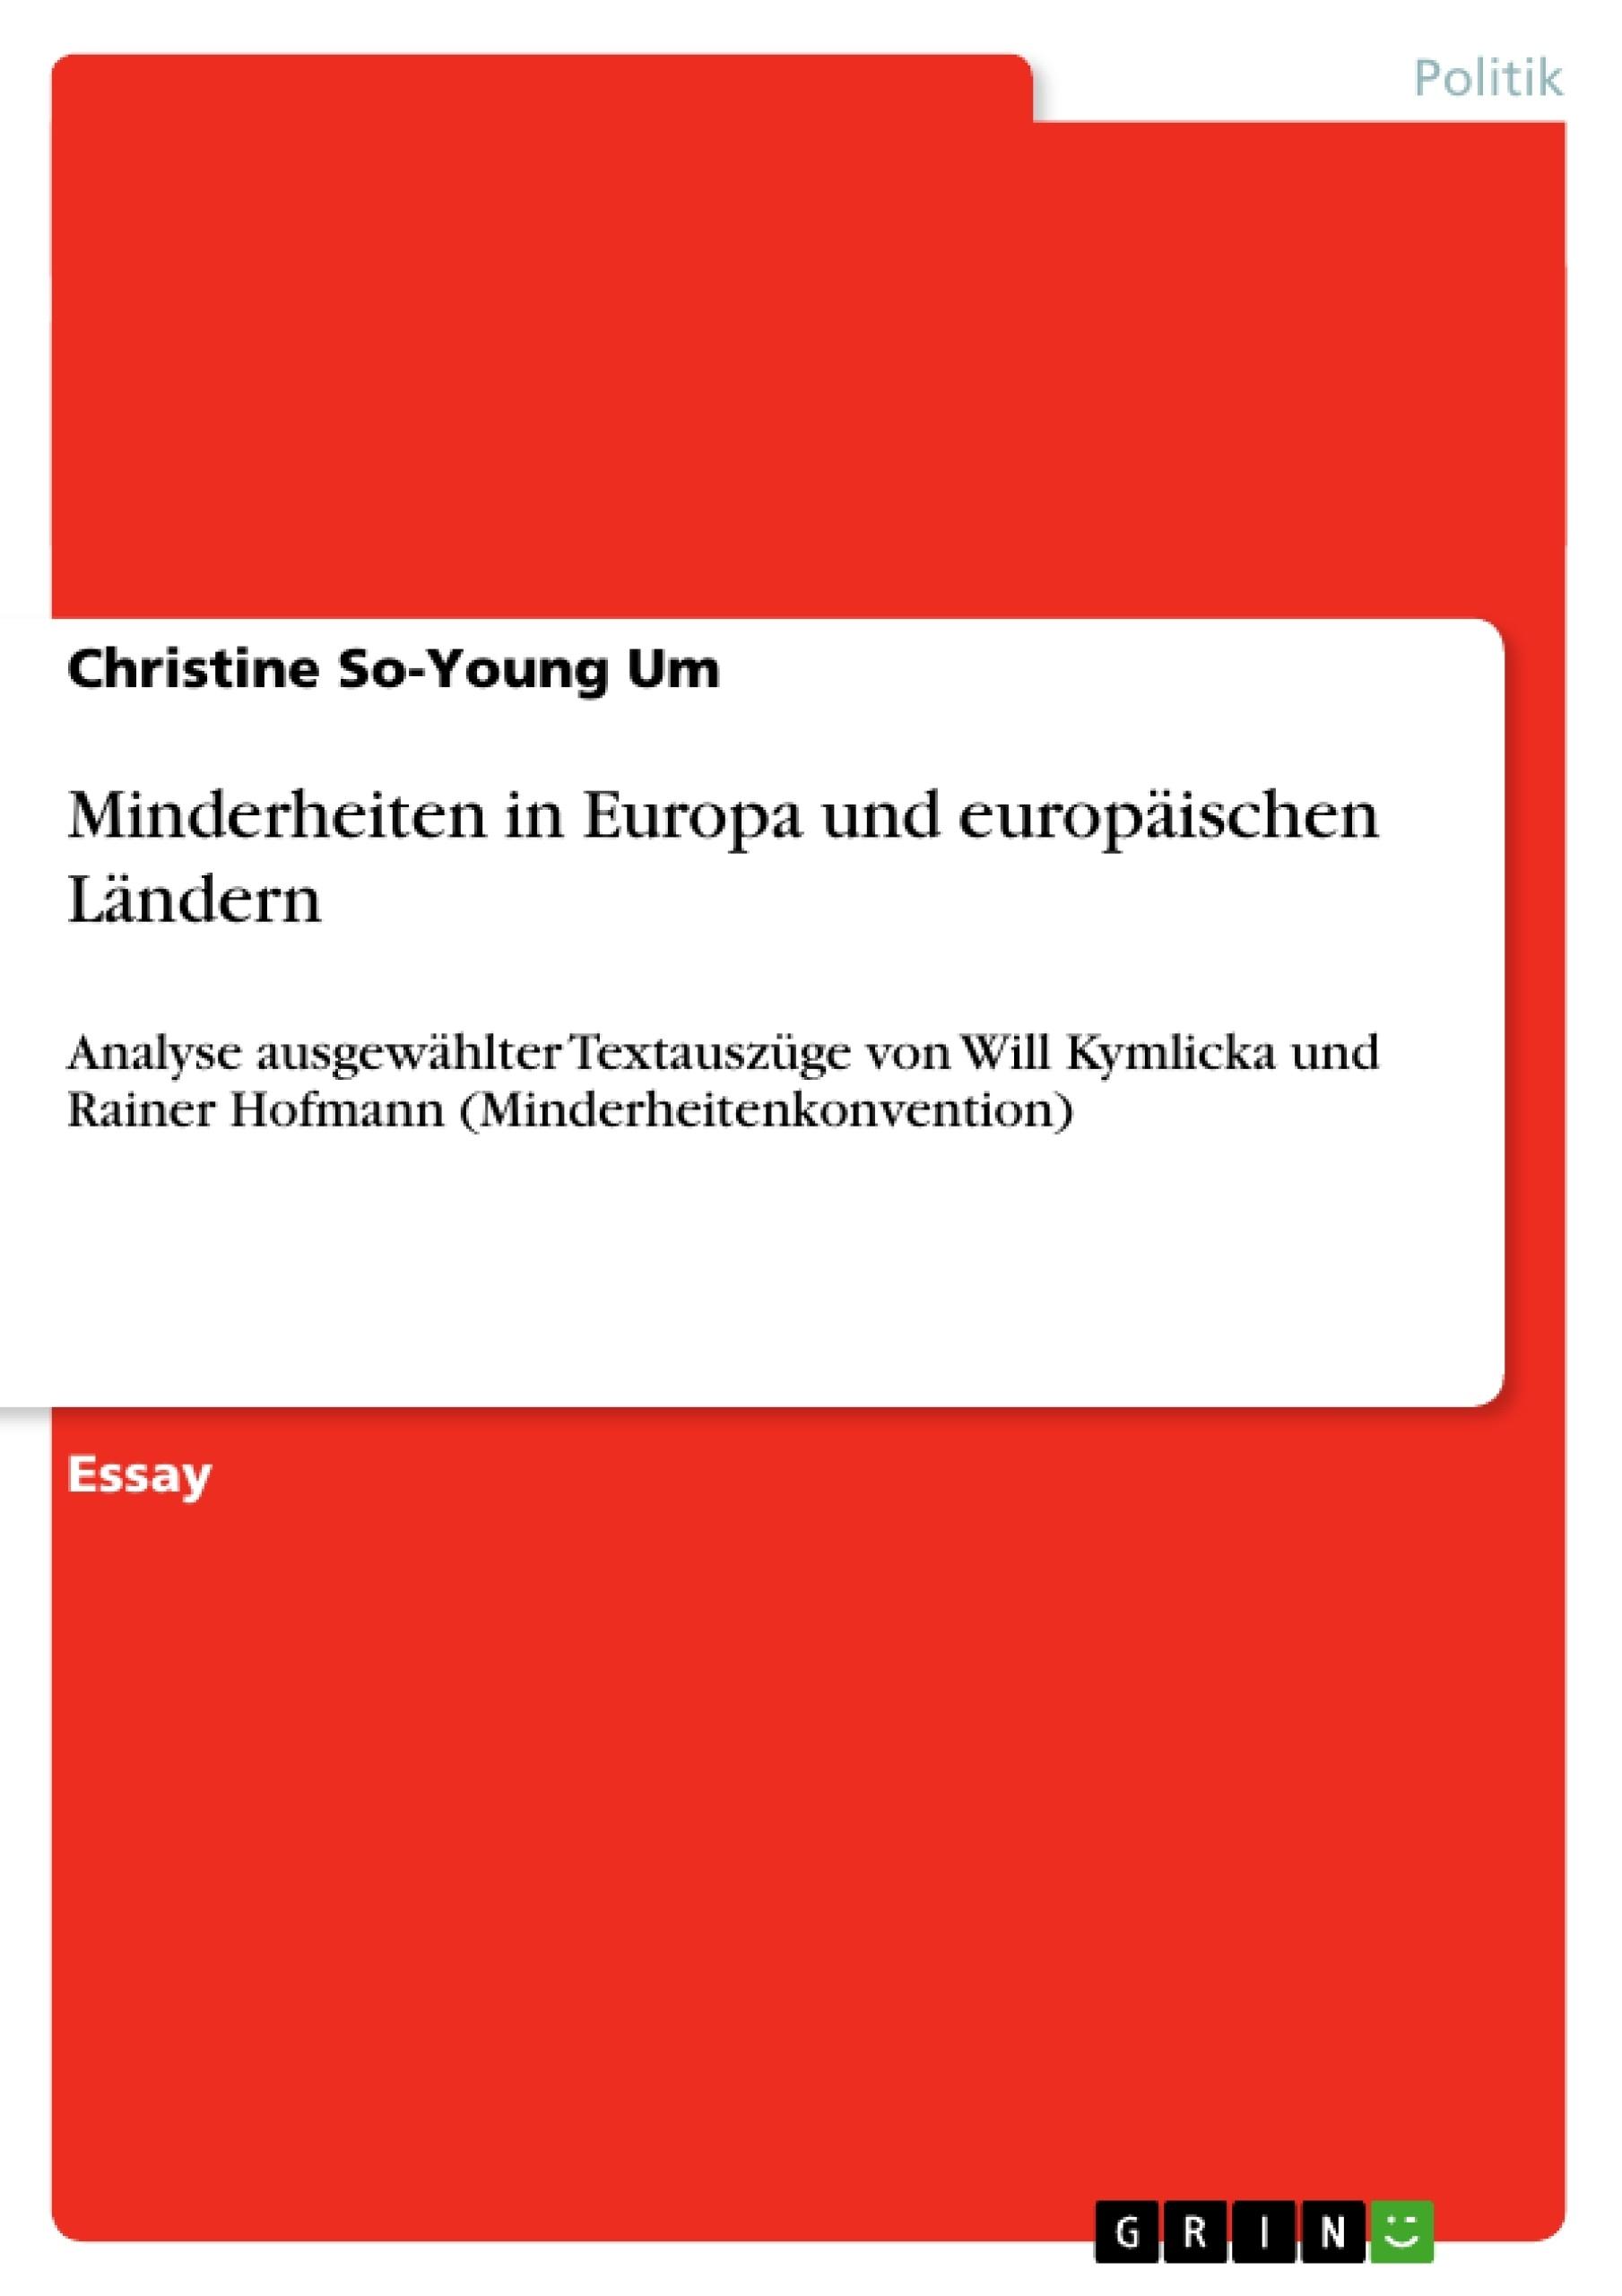 Titel: Minderheiten in Europa und europäischen Ländern